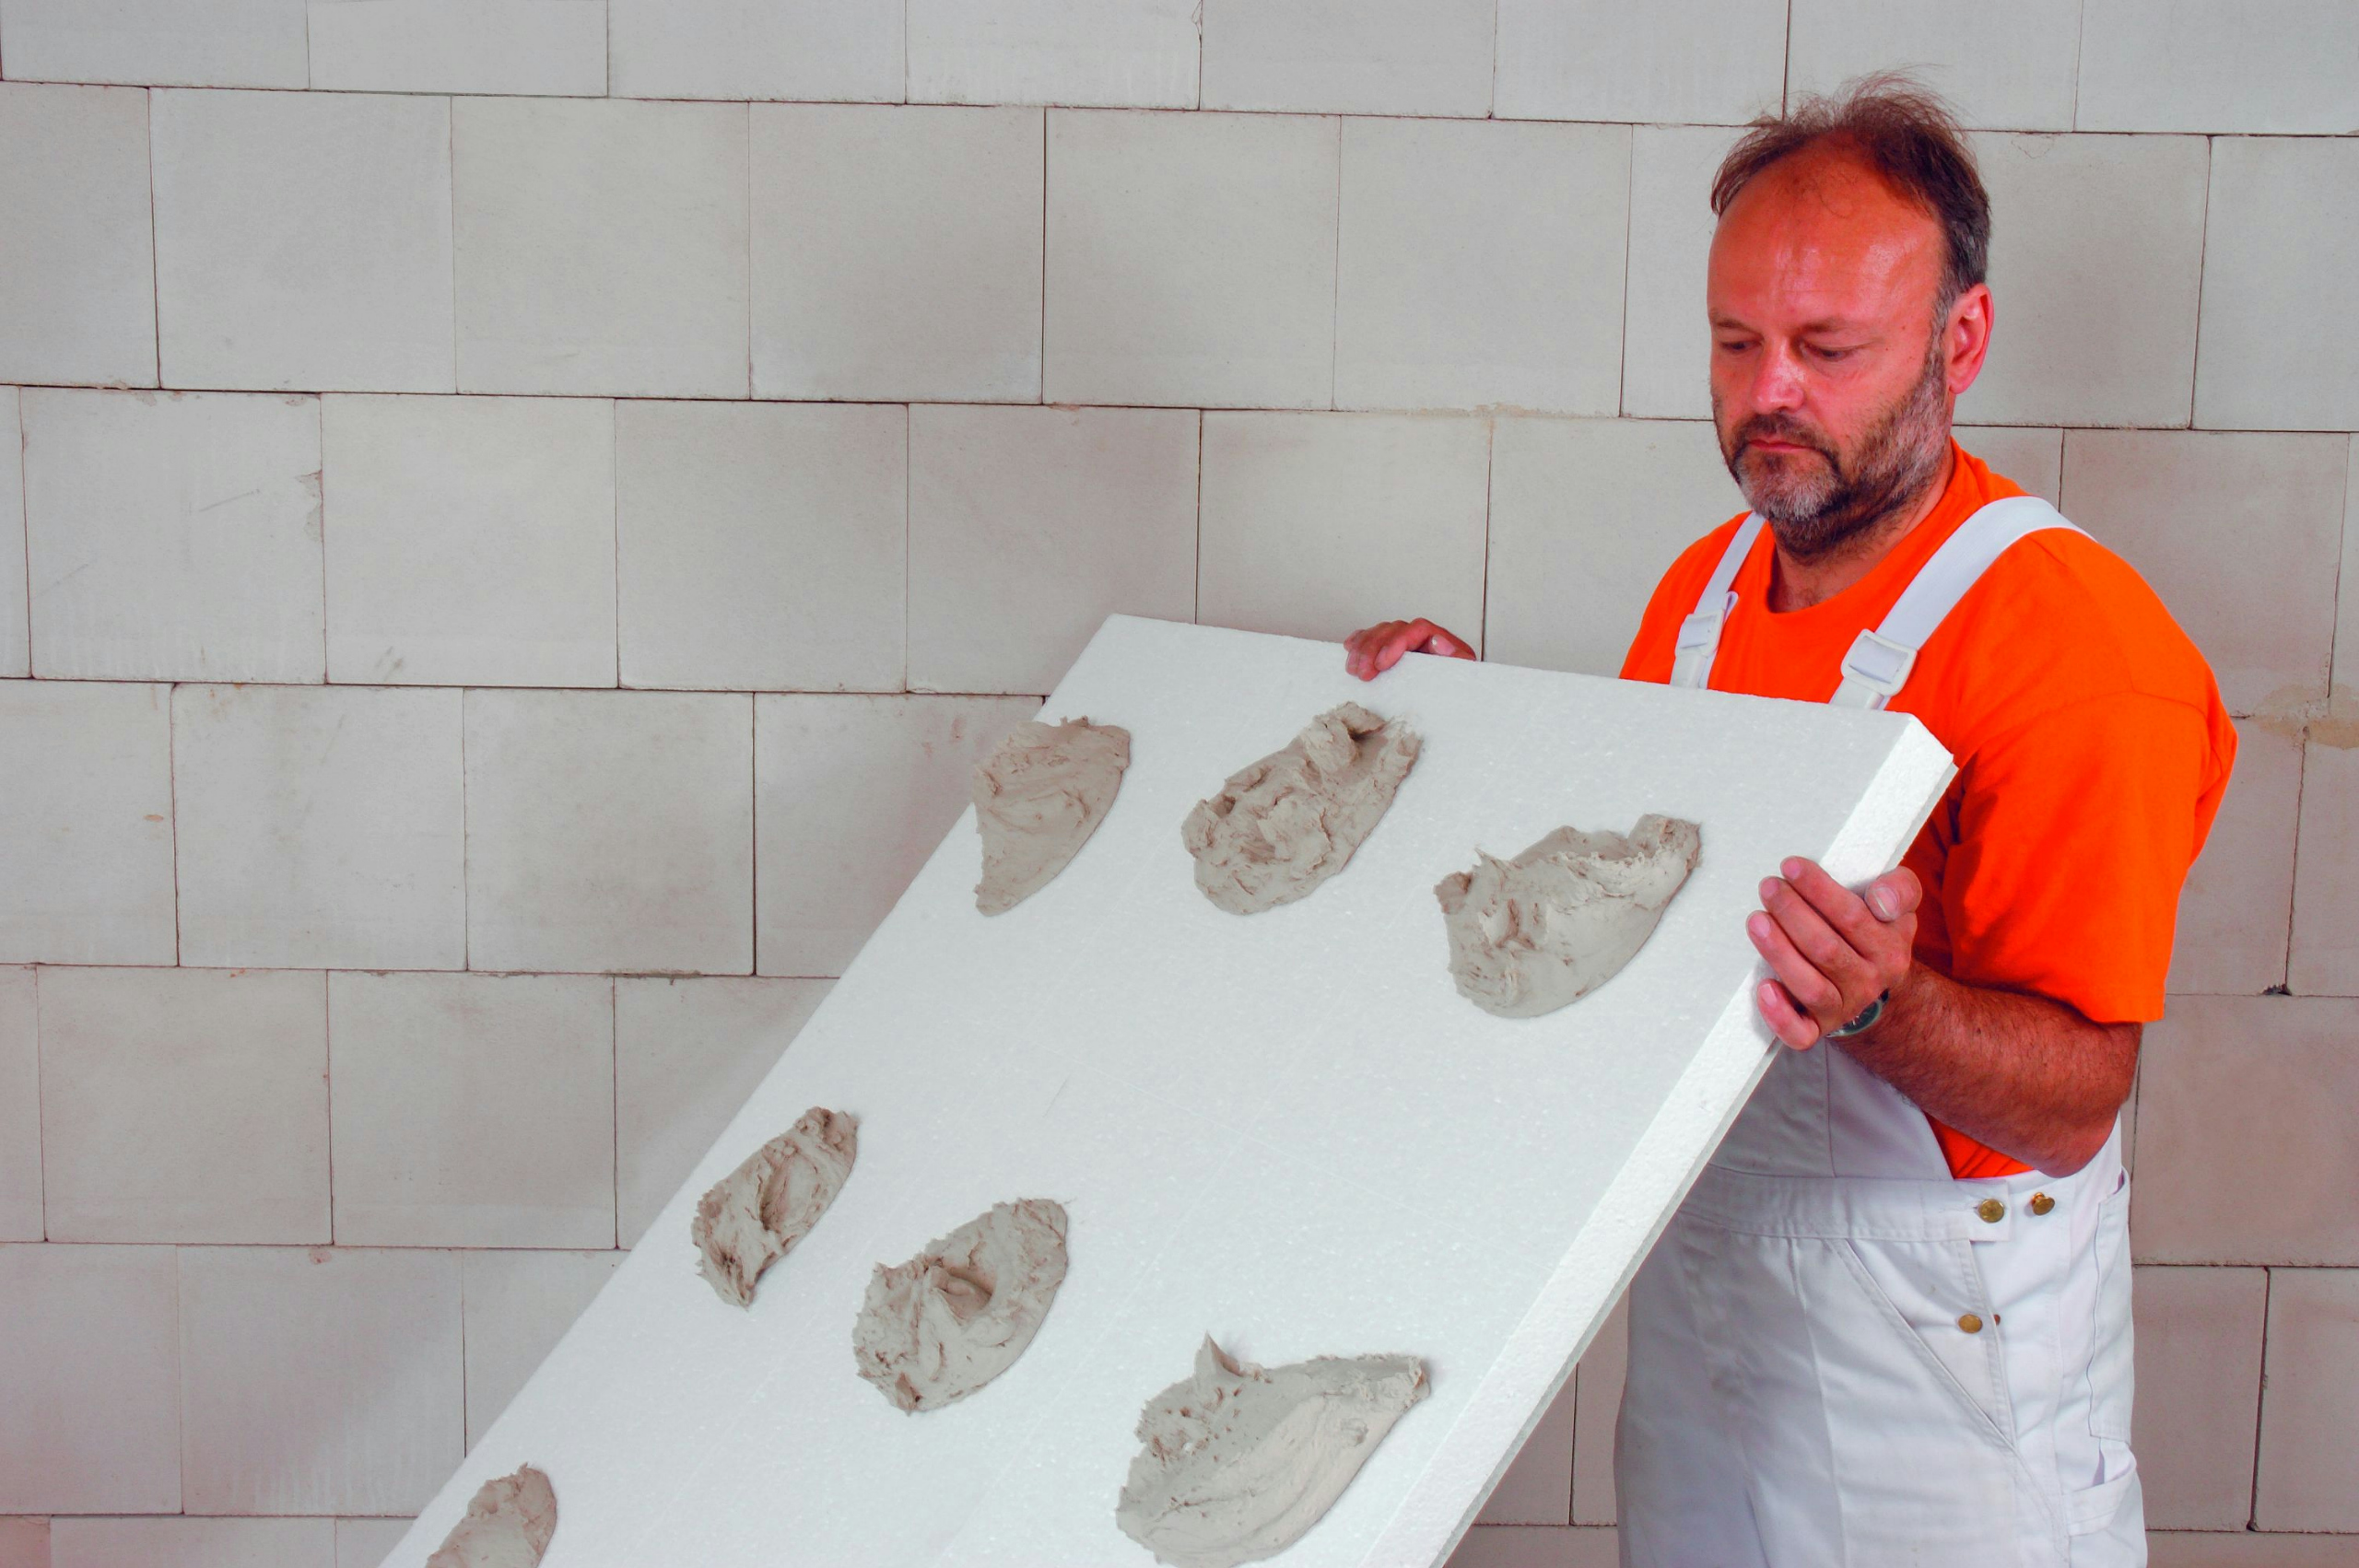 Placa de cart n yeso para aislamiento t rmico lastre - Instalacion de pladur en paredes ...